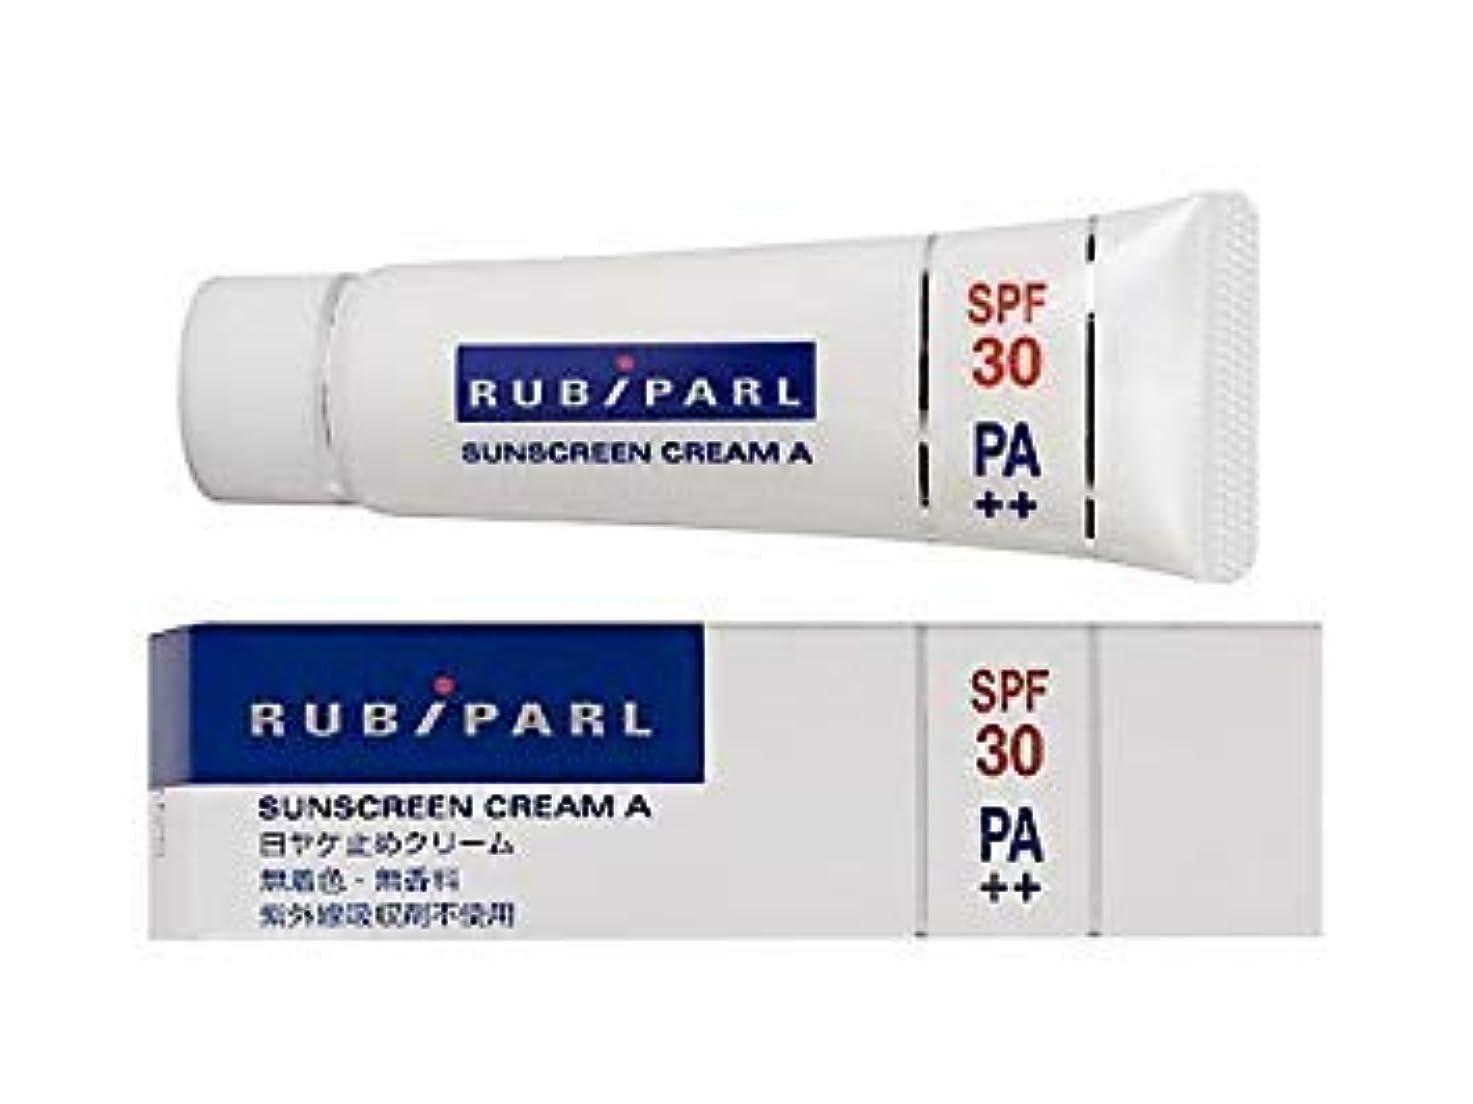 コミット熟練した切り離す【2個】ルビパール サンスクリーンクリームA 30g×2個セット (4987047171732)